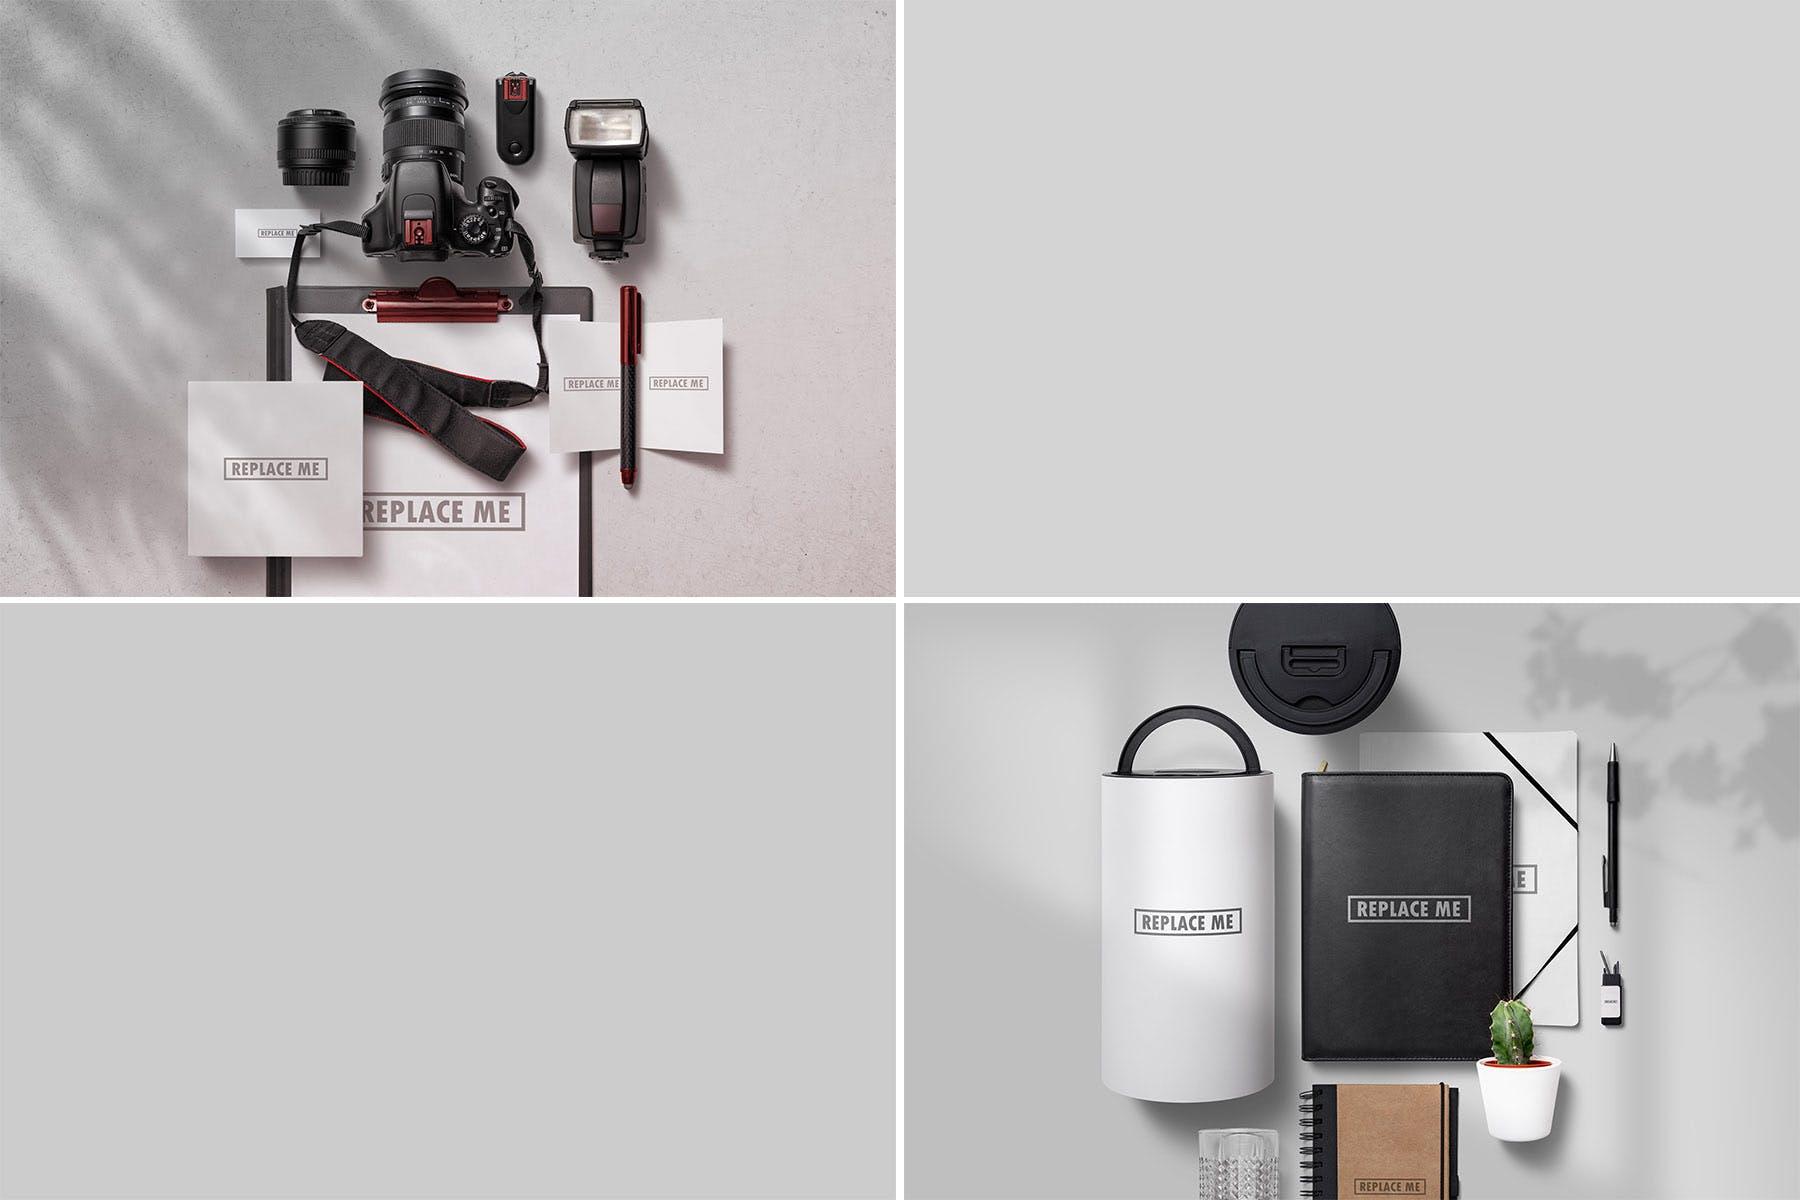 企业品牌识别系统VI样机素材模板展示素材Art & Branding Mockups Vol.1